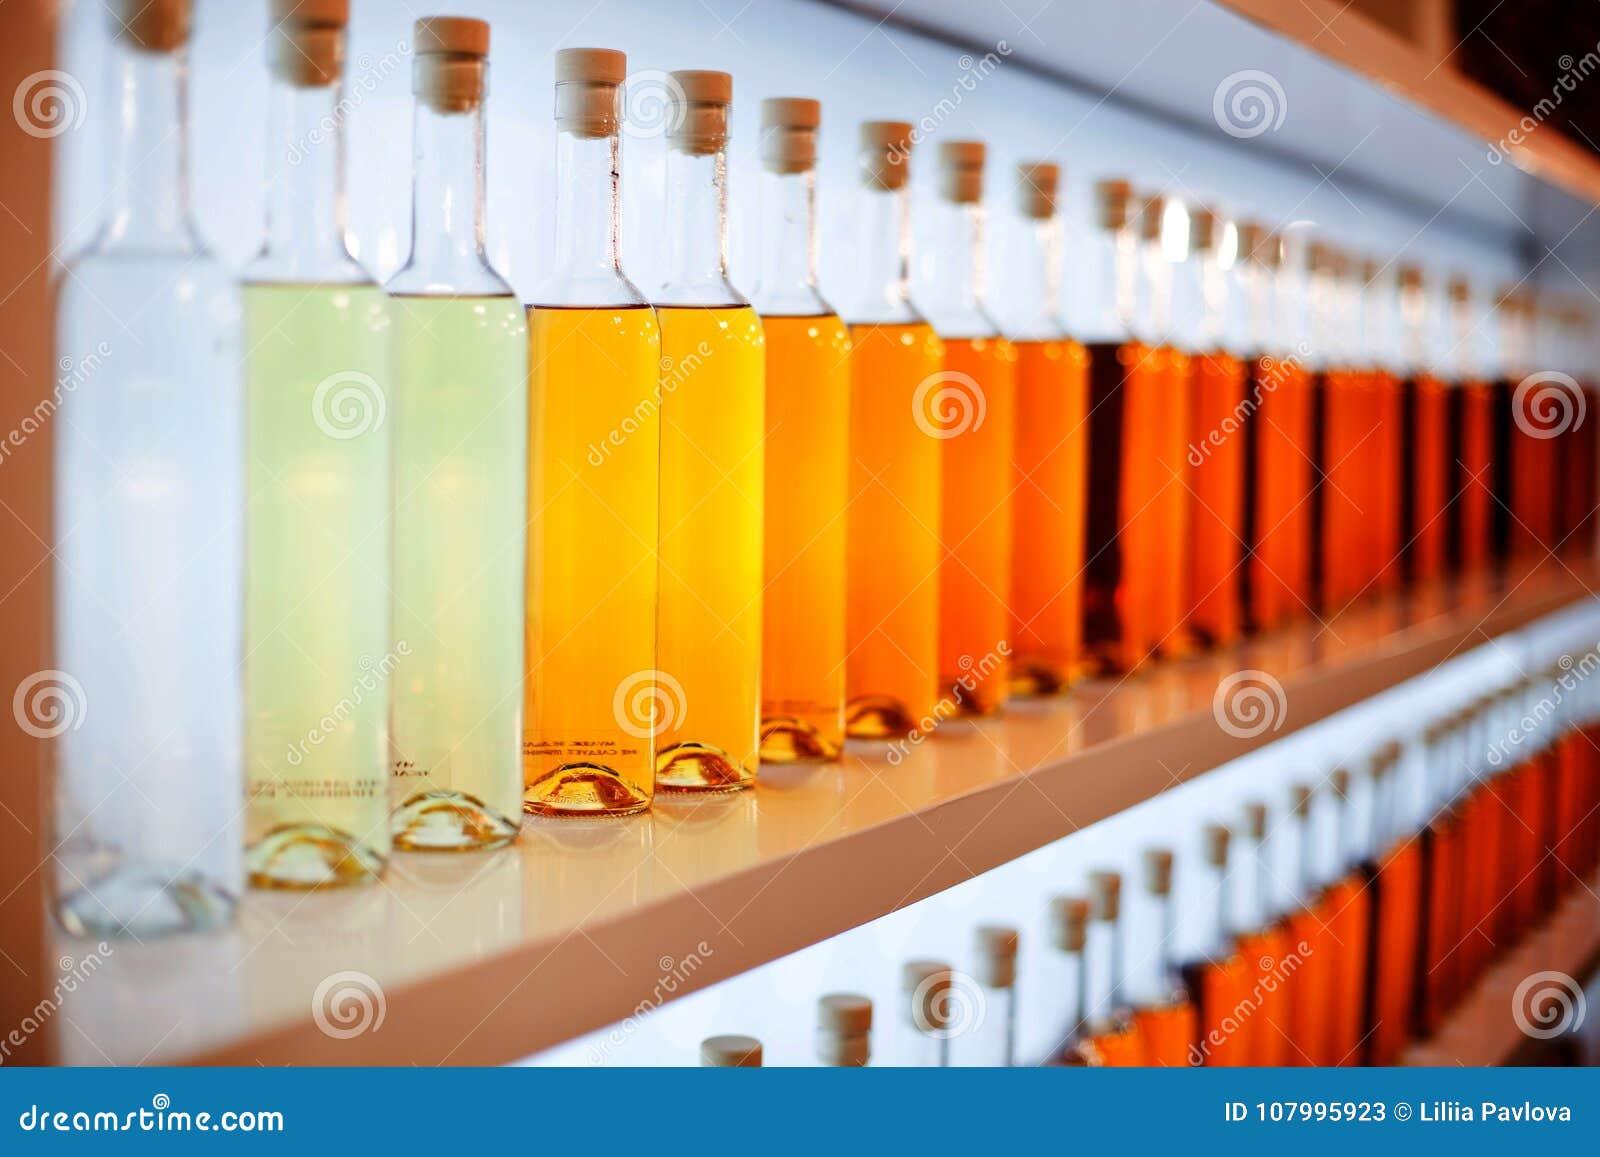 Μια σειρά των χρωματισμένων μπουκαλιών με το κονιάκ